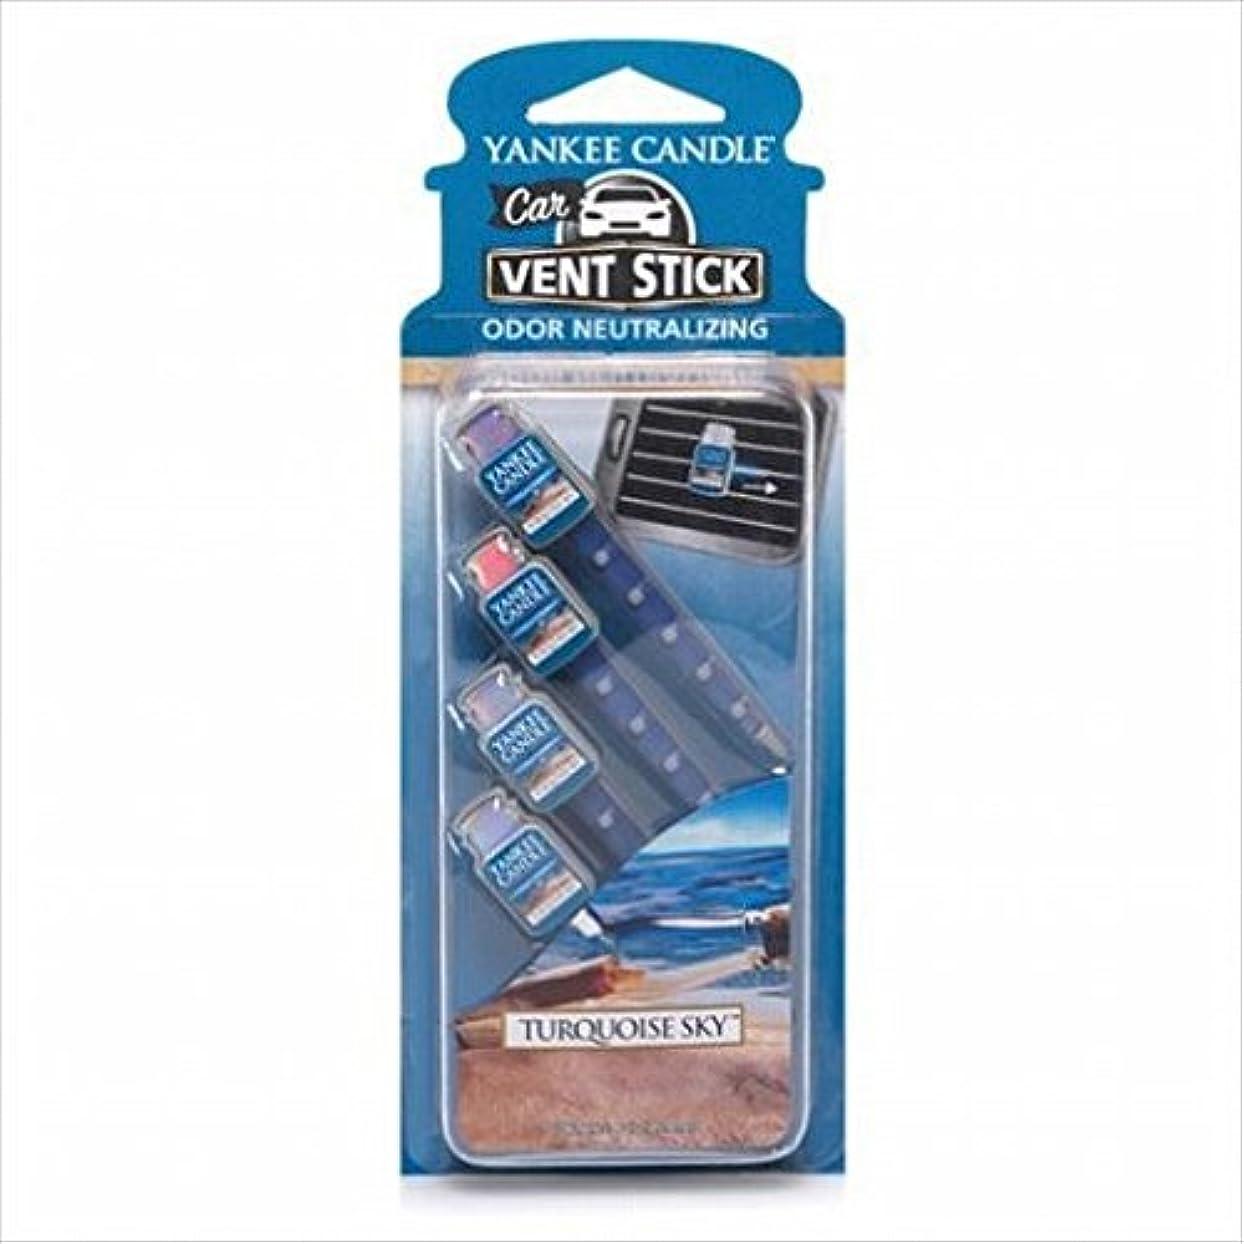 以上切り下げ節約YANKEE CANDLE(ヤンキーキャンドル) YANKEE CANDLE カーフレグランススティック 「 ターコイズスカイ 」(K32205201)